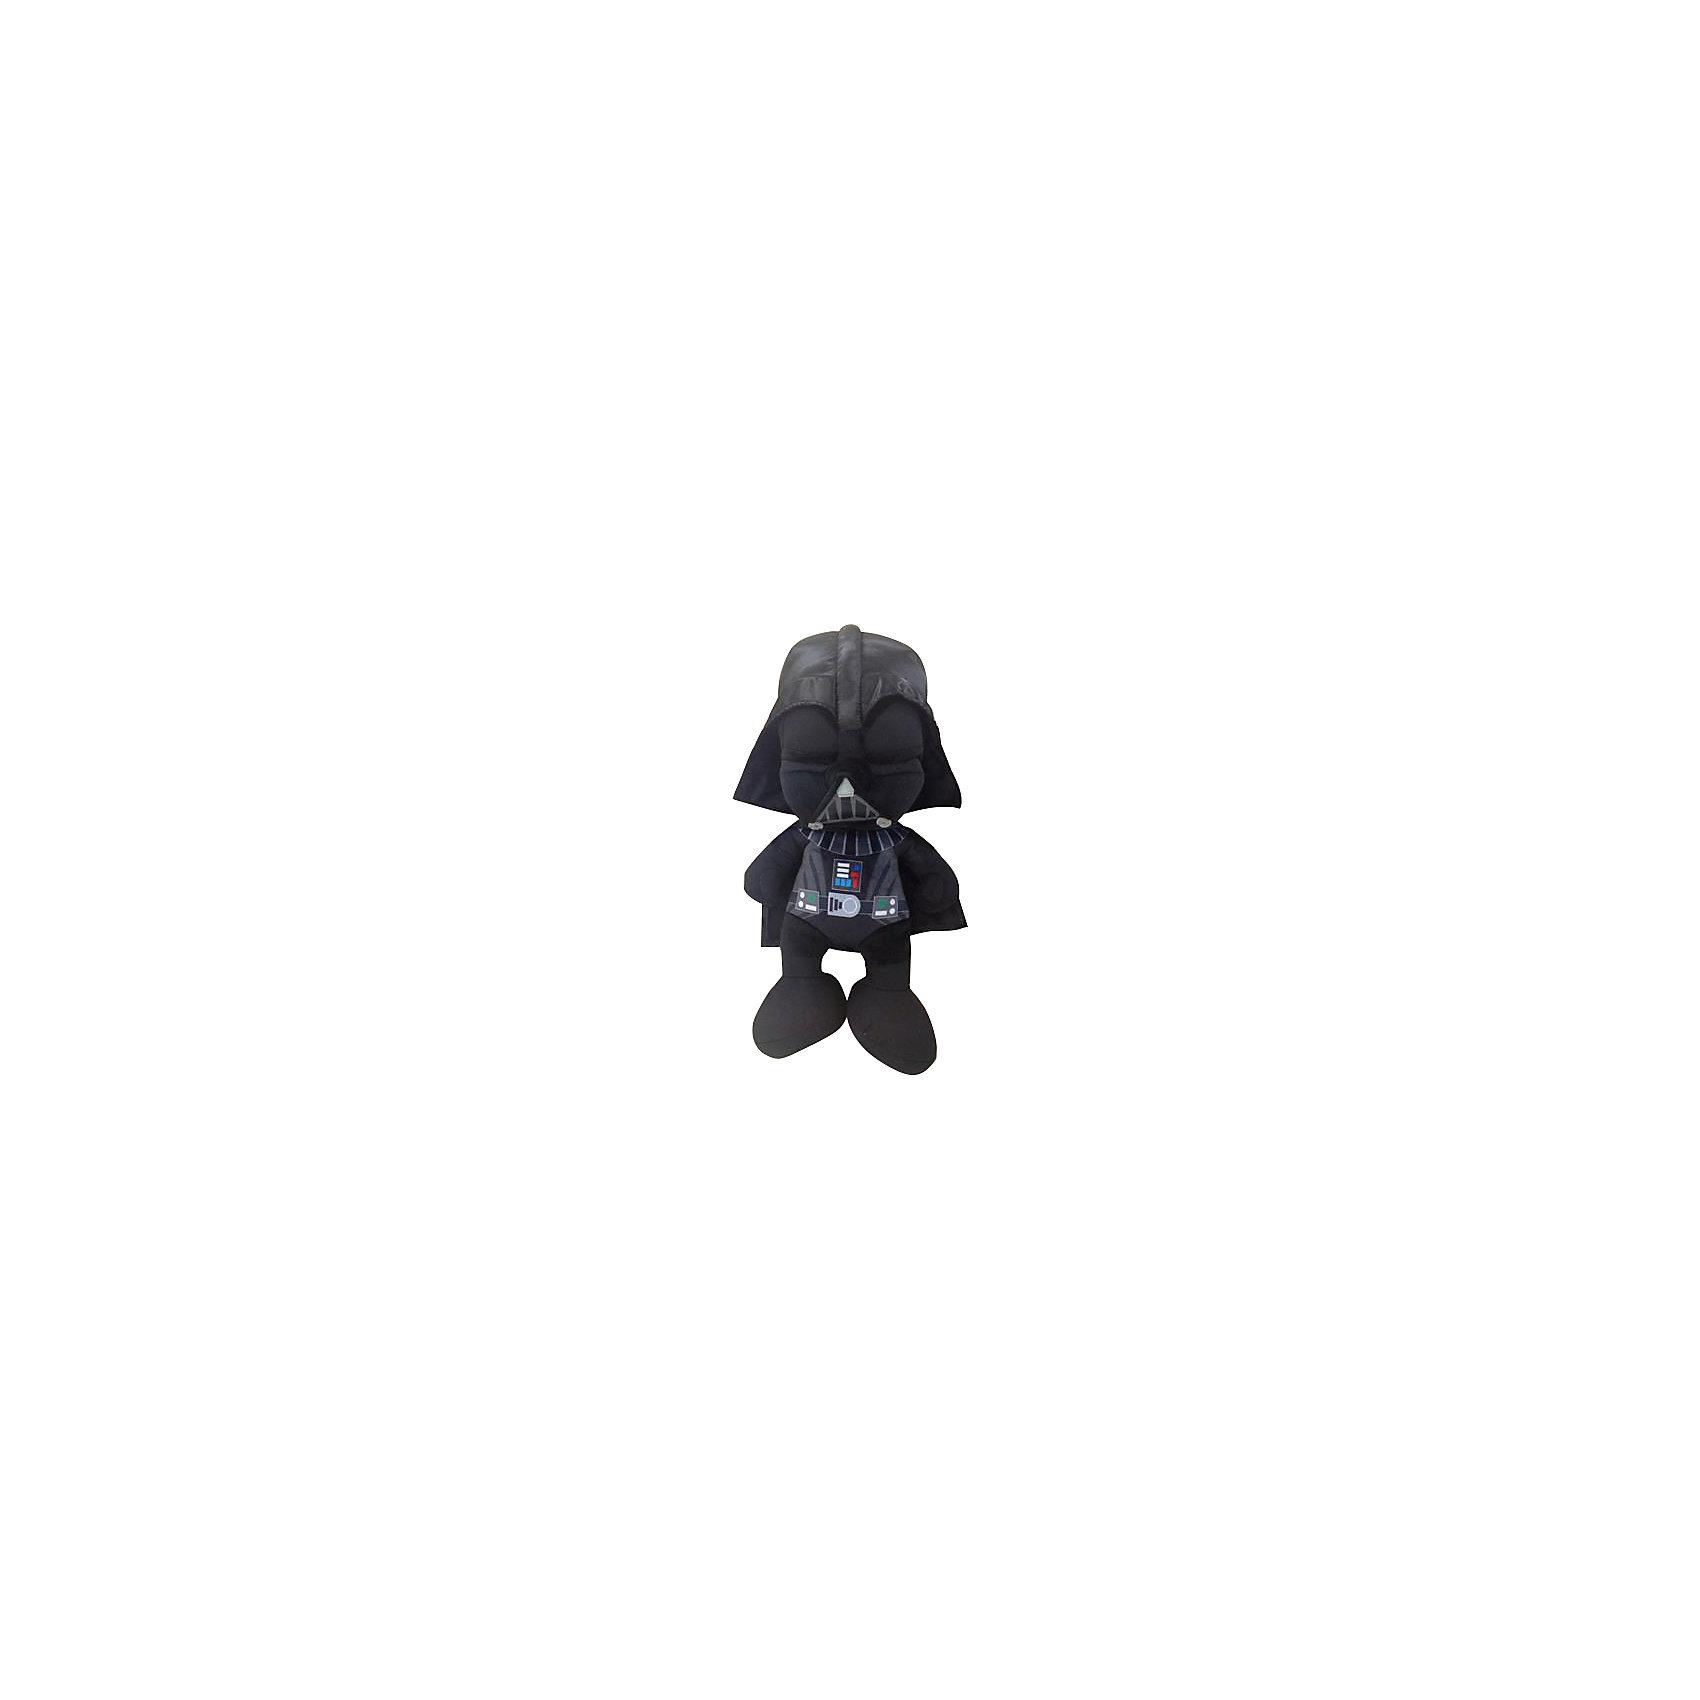 Мягкая игрушка Дарт Вейдер, 18 см, Звездные войныДарт Вейдер, Звездные войны  - оригинальная мягкая игрушка, которая станет приятным сюрпризом для детей любого возраста. Игрушка изображает грозного персонажа Дарта Вейдера из знаменитой киноэпопеи Звездные войны (Star Wars), но выполнена в мультипликационном стиле, что делает ее более забавной и совсем не страшной. Фигурка Дарта Вейдера очень мягкая и приятная на ощупь, с хорошо прошитыми элементами - панелью управления на груди, поясом и  защитной решеткой на шлеме. Изготовлена из качественных экологичных материалов и совершенно безопасна для детского здоровья. <br><br>Дополнительная информация:<br><br>- Материал: плюш, синтепон.<br>- Высота игрушки: 18 см.<br>- Размер упаковки: 8 х 14 х 7 см.<br>- Вес: 100 гр.<br><br>Мягкую игрушку Дарт Вейдер, Звездные войны, можно купить в нашем интернет-магазине.<br><br>Ширина мм: 80<br>Глубина мм: 140<br>Высота мм: 70<br>Вес г: 83<br>Возраст от месяцев: 36<br>Возраст до месяцев: 1188<br>Пол: Мужской<br>Возраст: Детский<br>SKU: 4302508